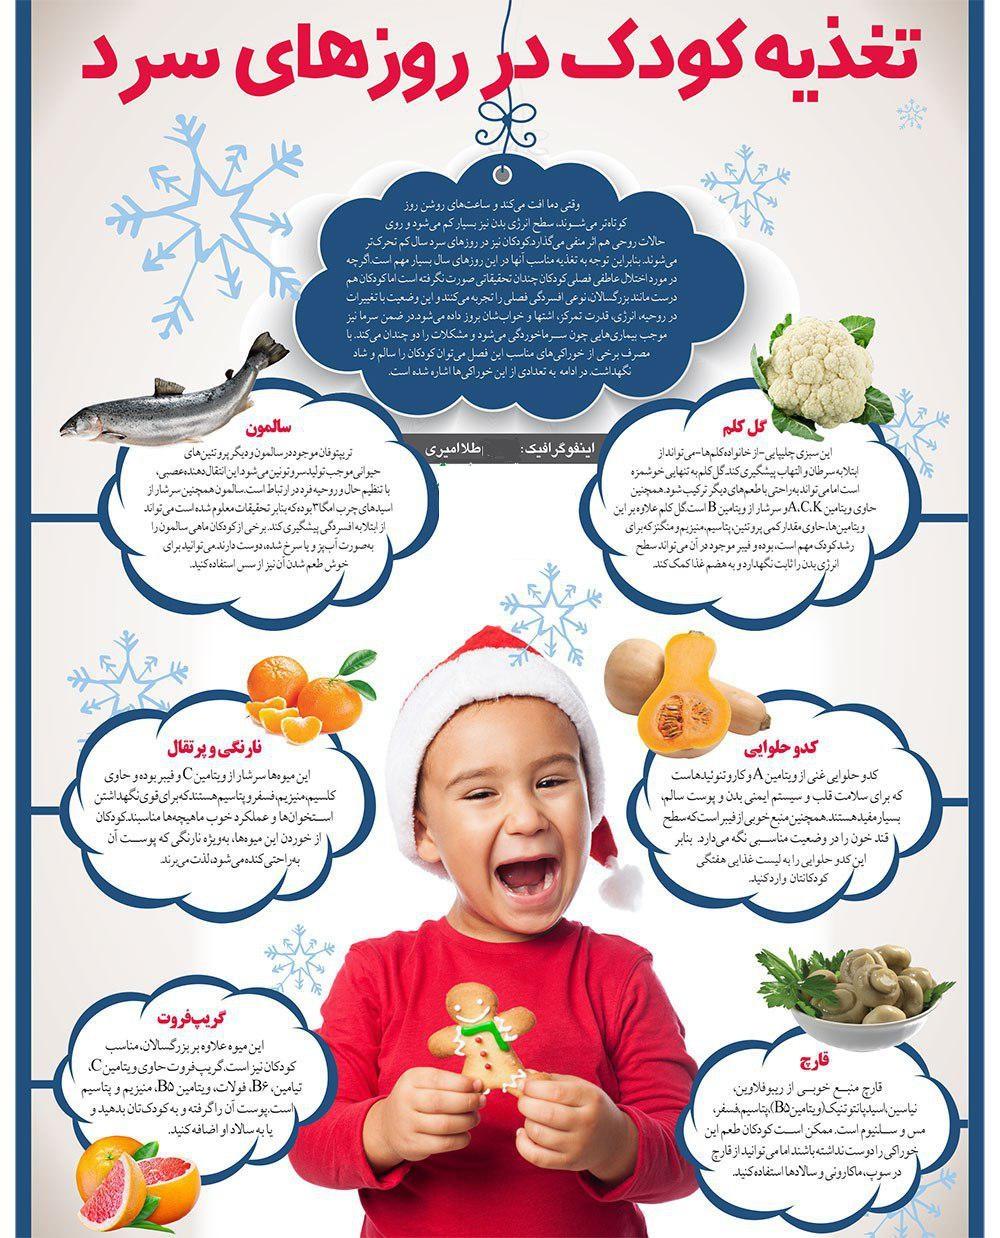 کودک را در روزهای سرد سال با این غذاها گرم کنید + اینفوگرافیغذاهایی که در روزهای سرد سال باید به کودکان بدهید + اینفوگرافی